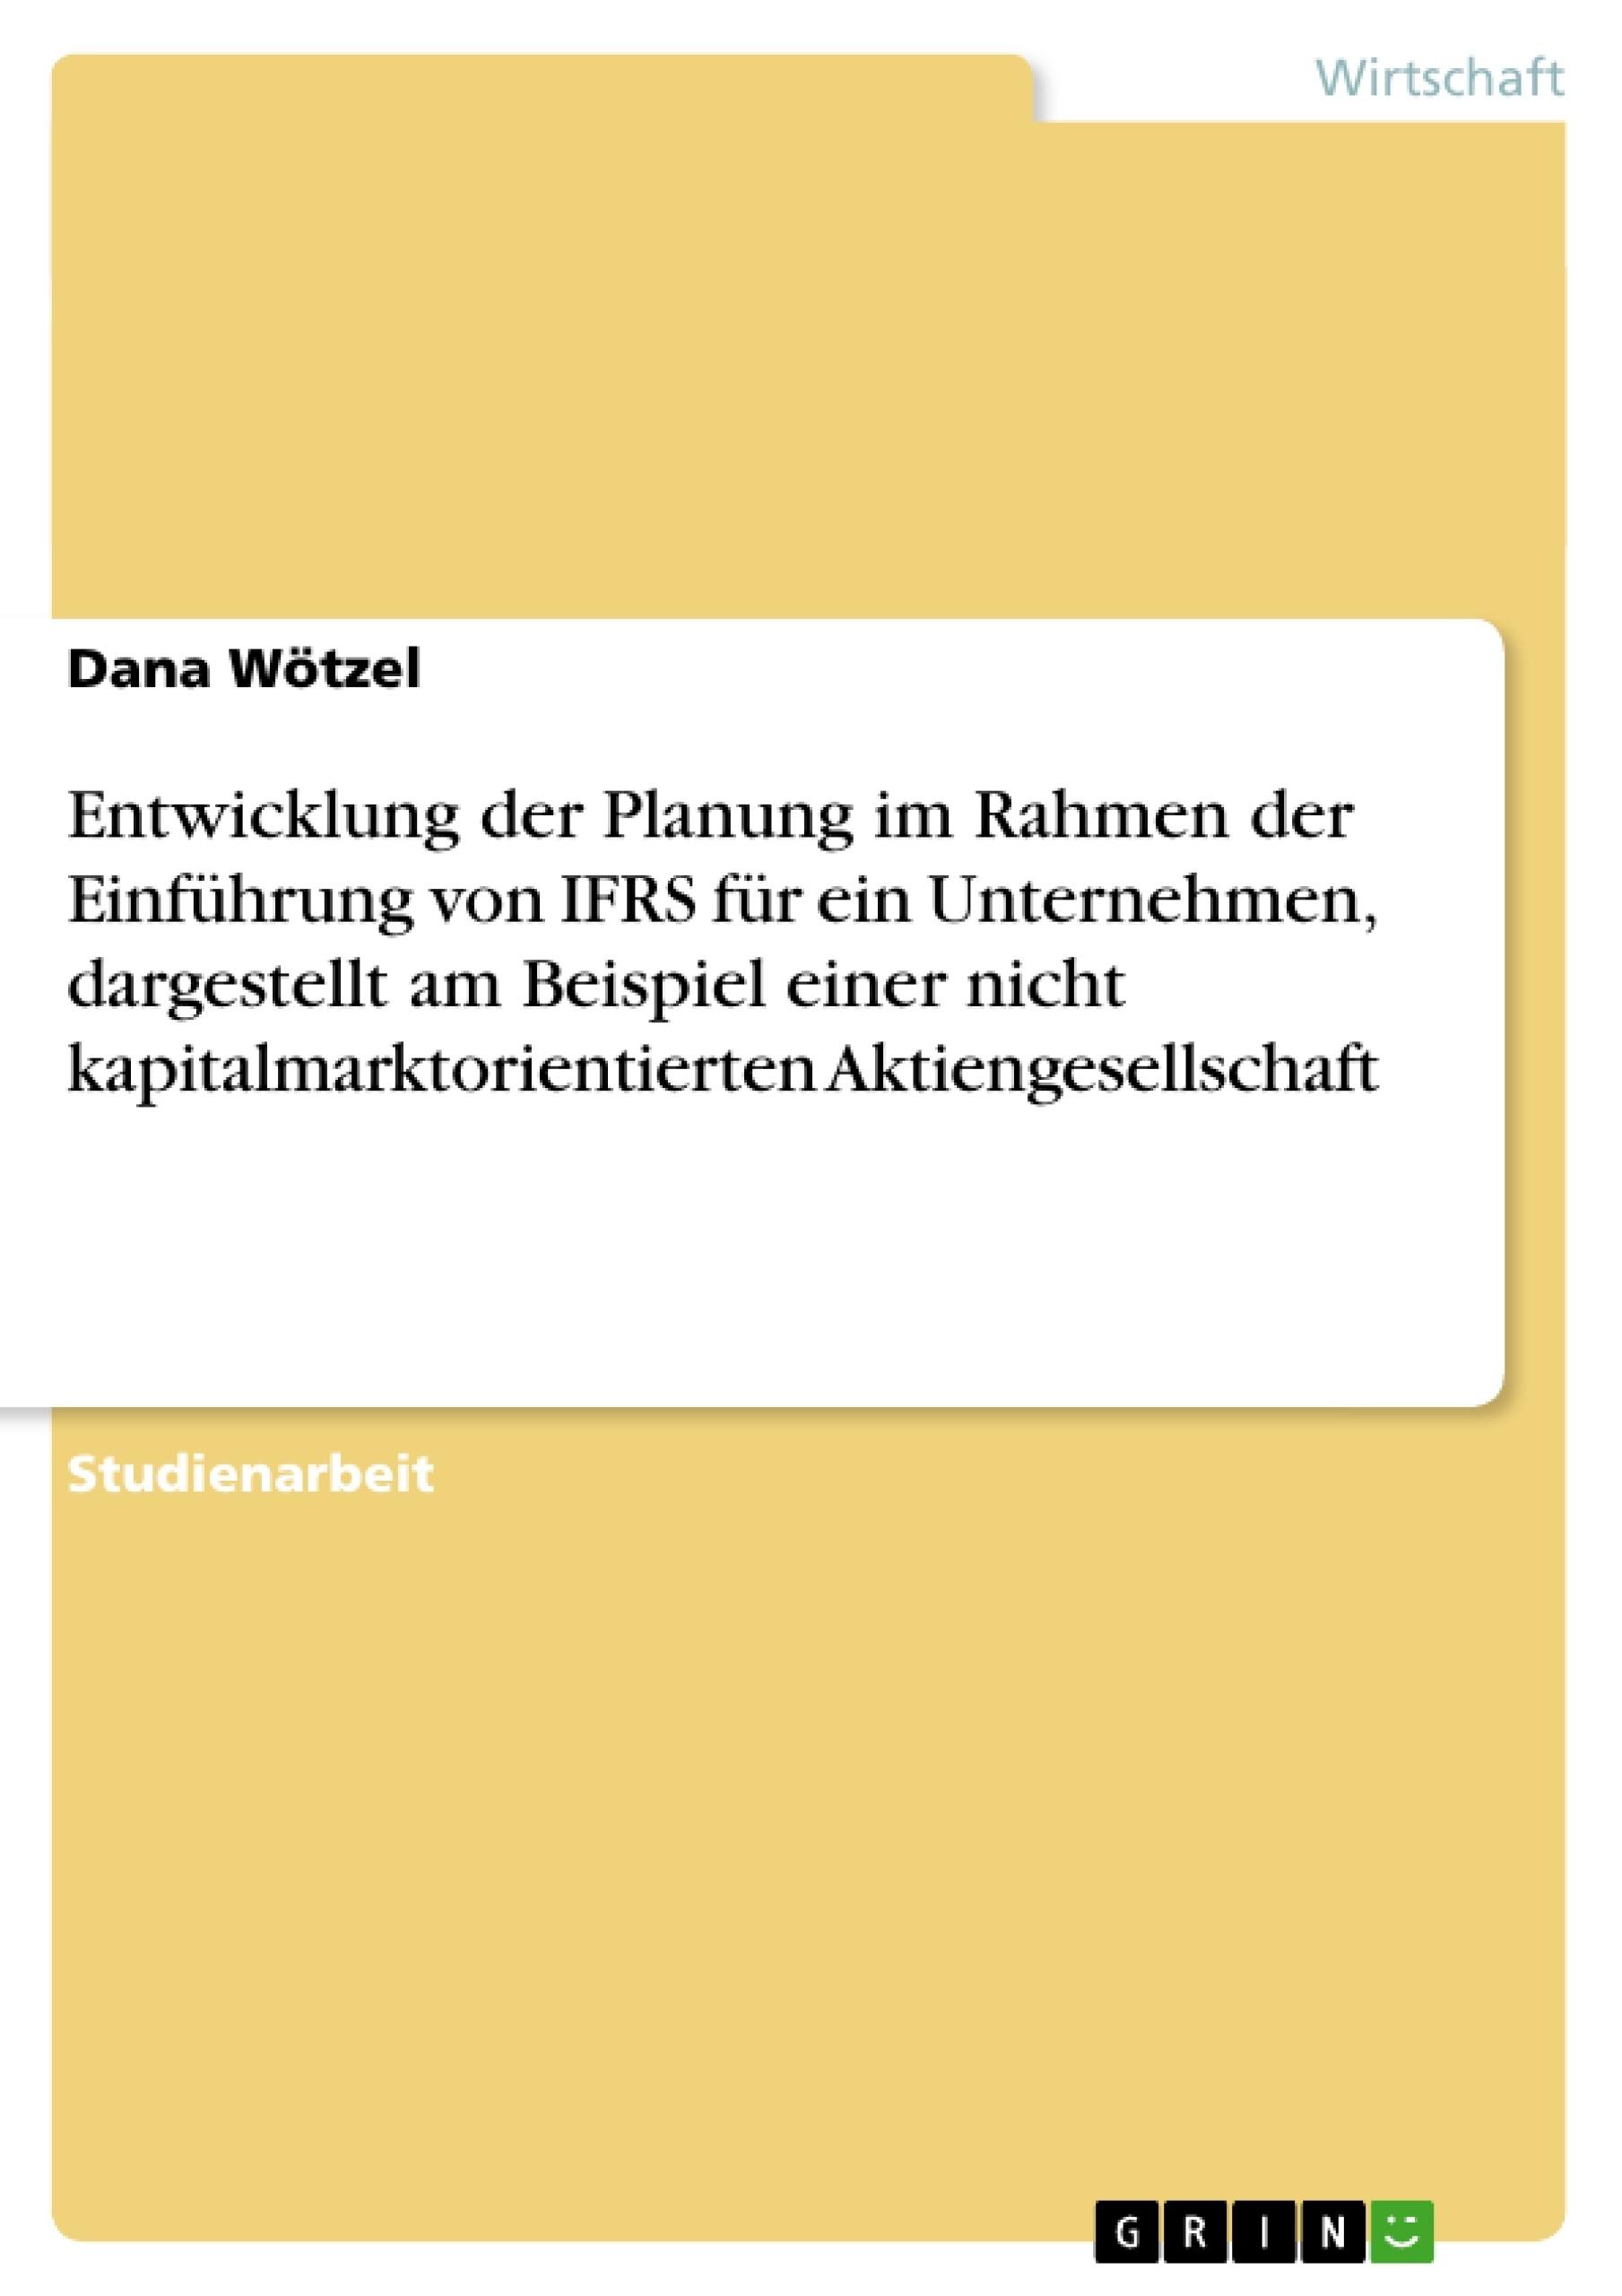 Titel: Entwicklung der Planung im Rahmen der Einführung von IFRS für ein Unternehmen, dargestellt am Beispiel einer nicht kapitalmarktorientierten Aktiengesellschaft